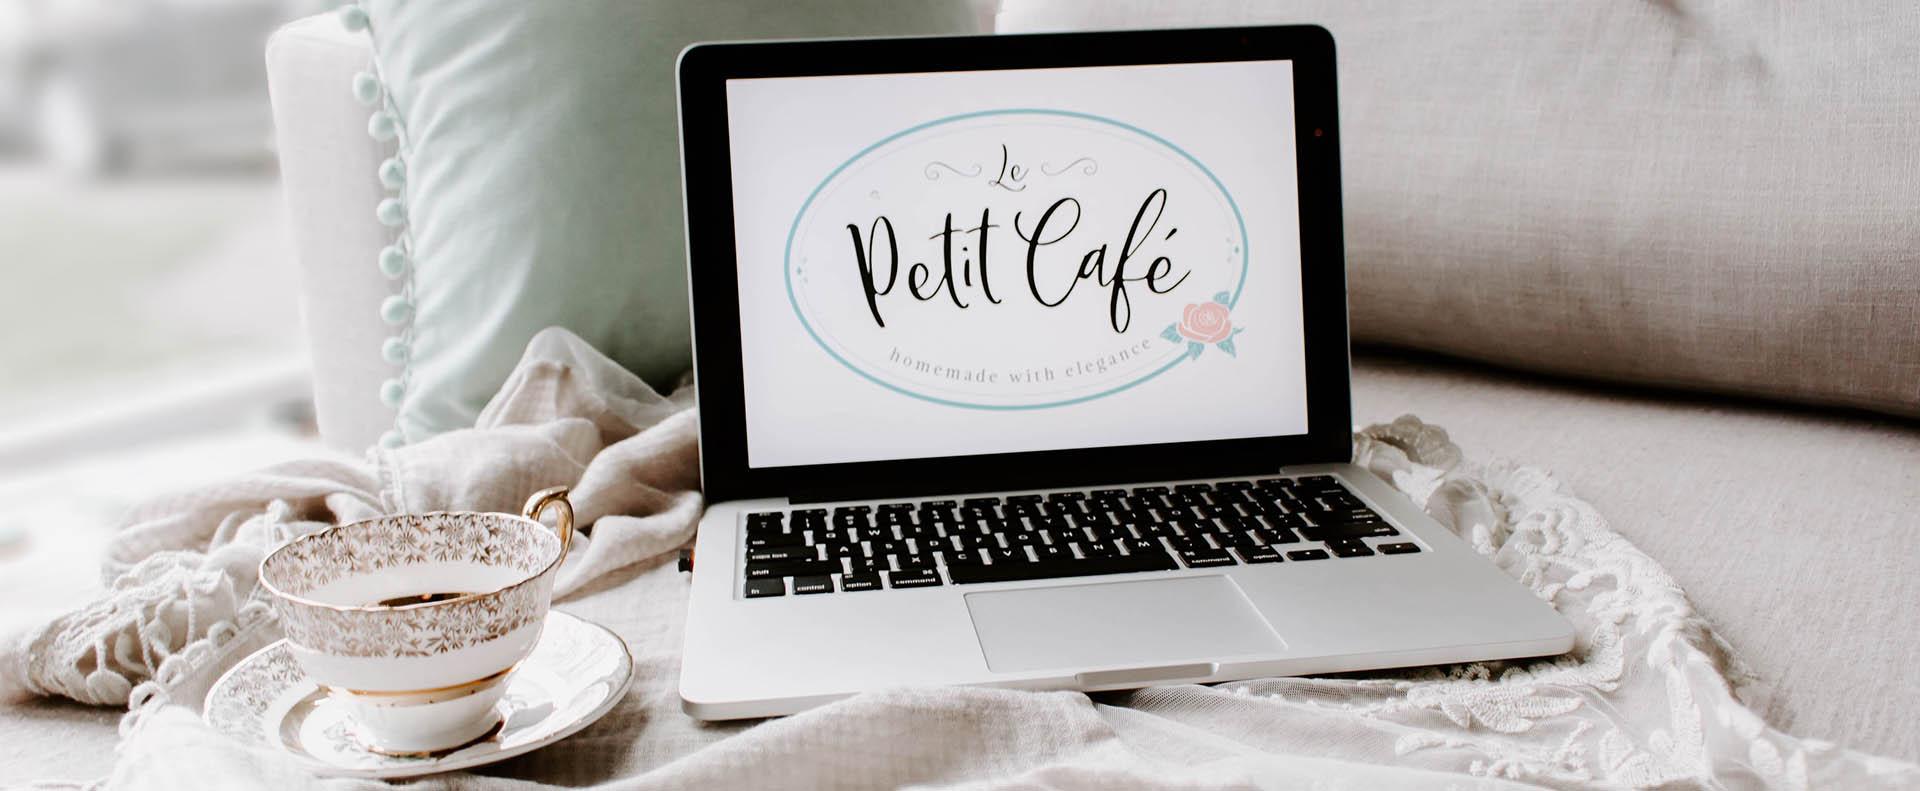 Le Petit Cafe logo shown on a laptop - White Canvas Design